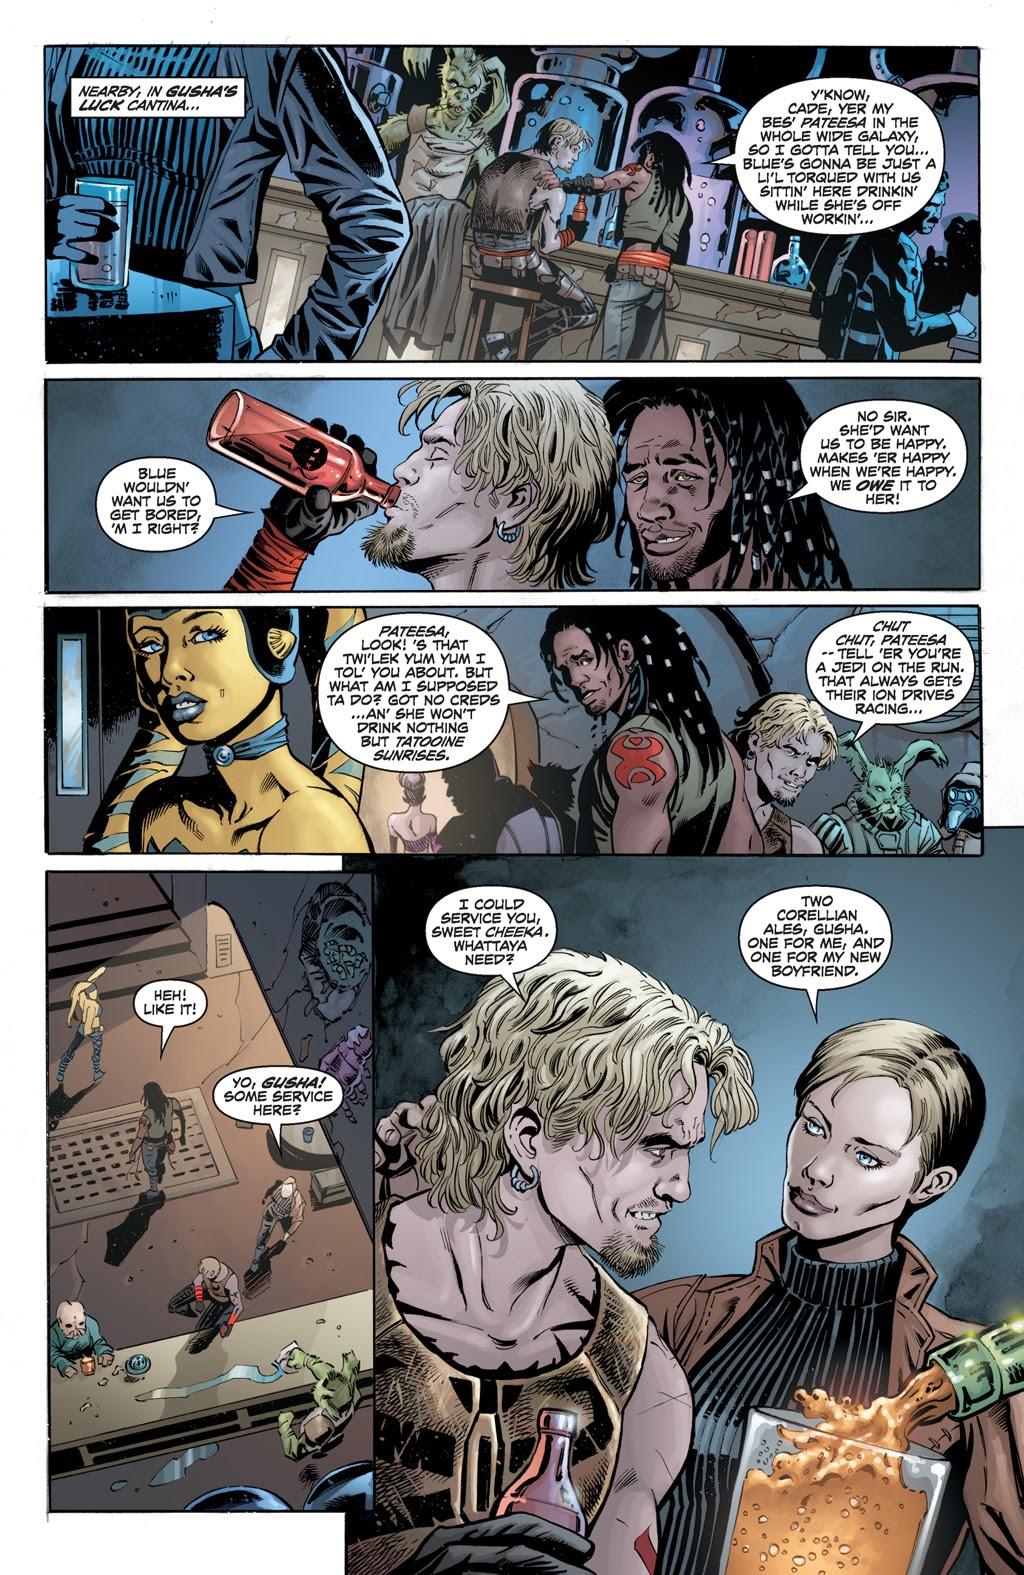 Cade Skywalker Meets His Half Sister Gunner Yage